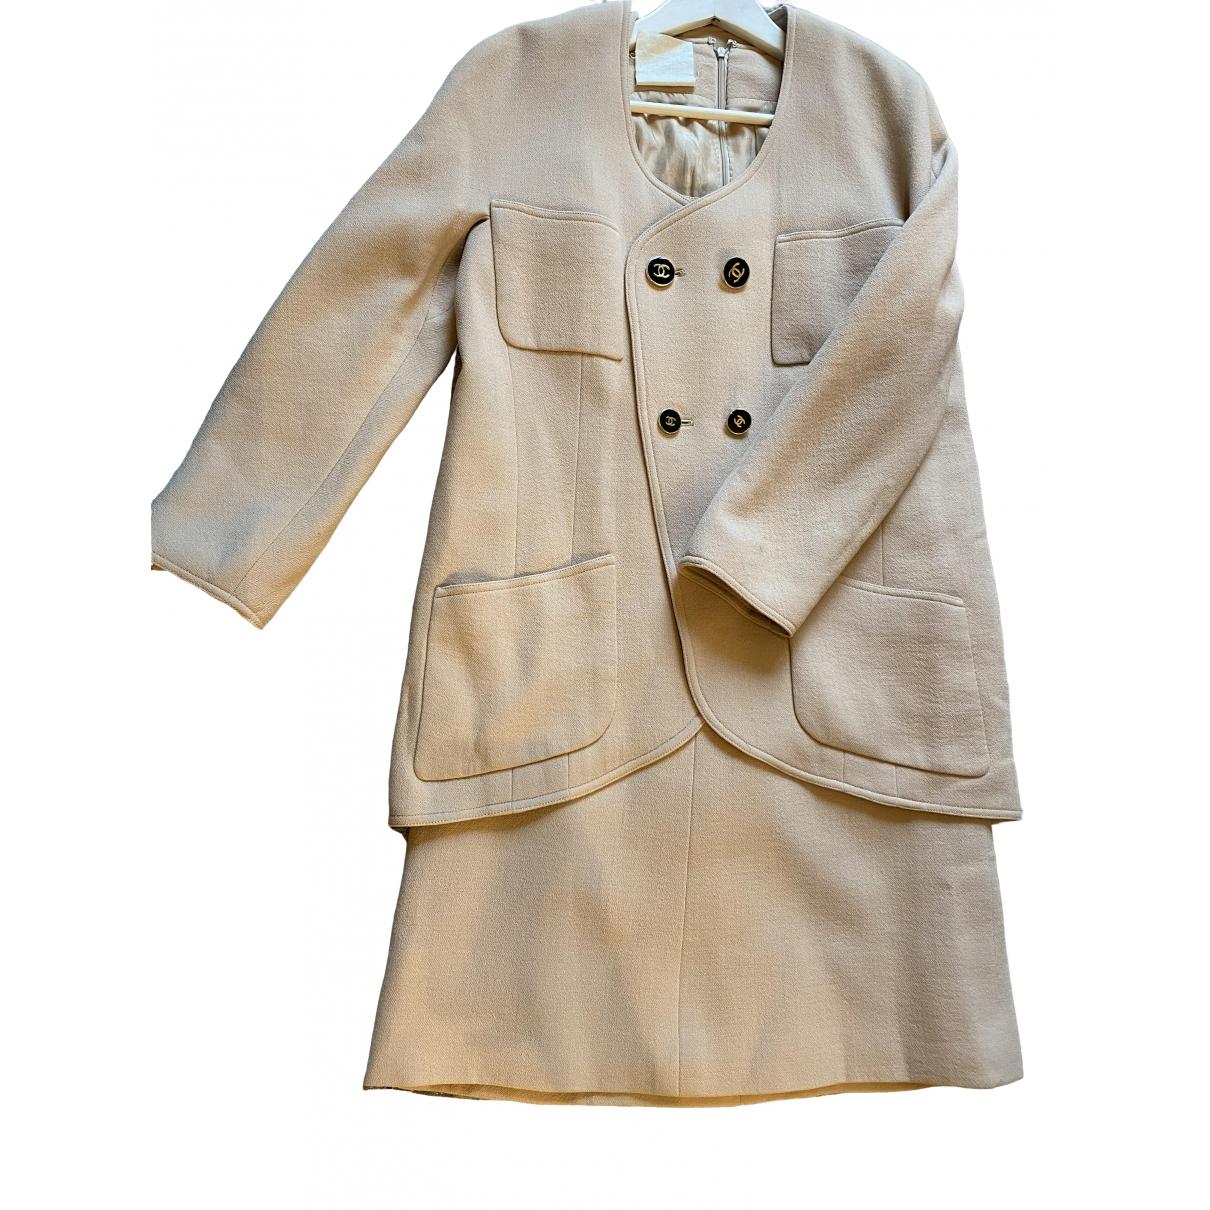 Chanel \N Ecru Wool jacket for Women 36 FR